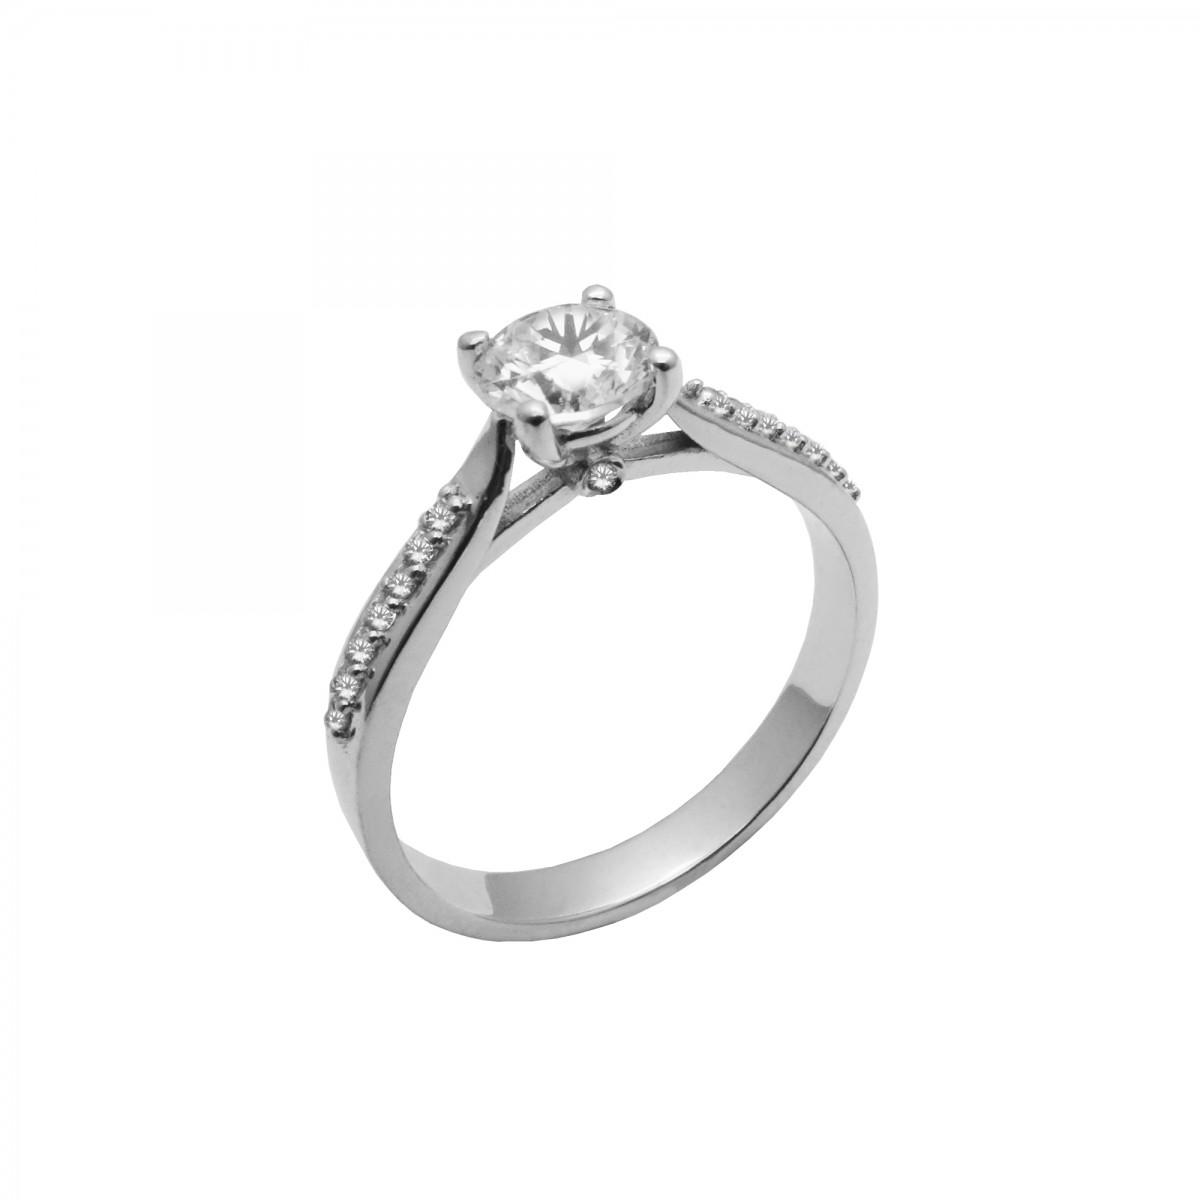 Μονόπετρο δαχτυλίδι λευκόχρυσο 14 καράτια με ζιργκόν - 185€ 61bfc65c35f